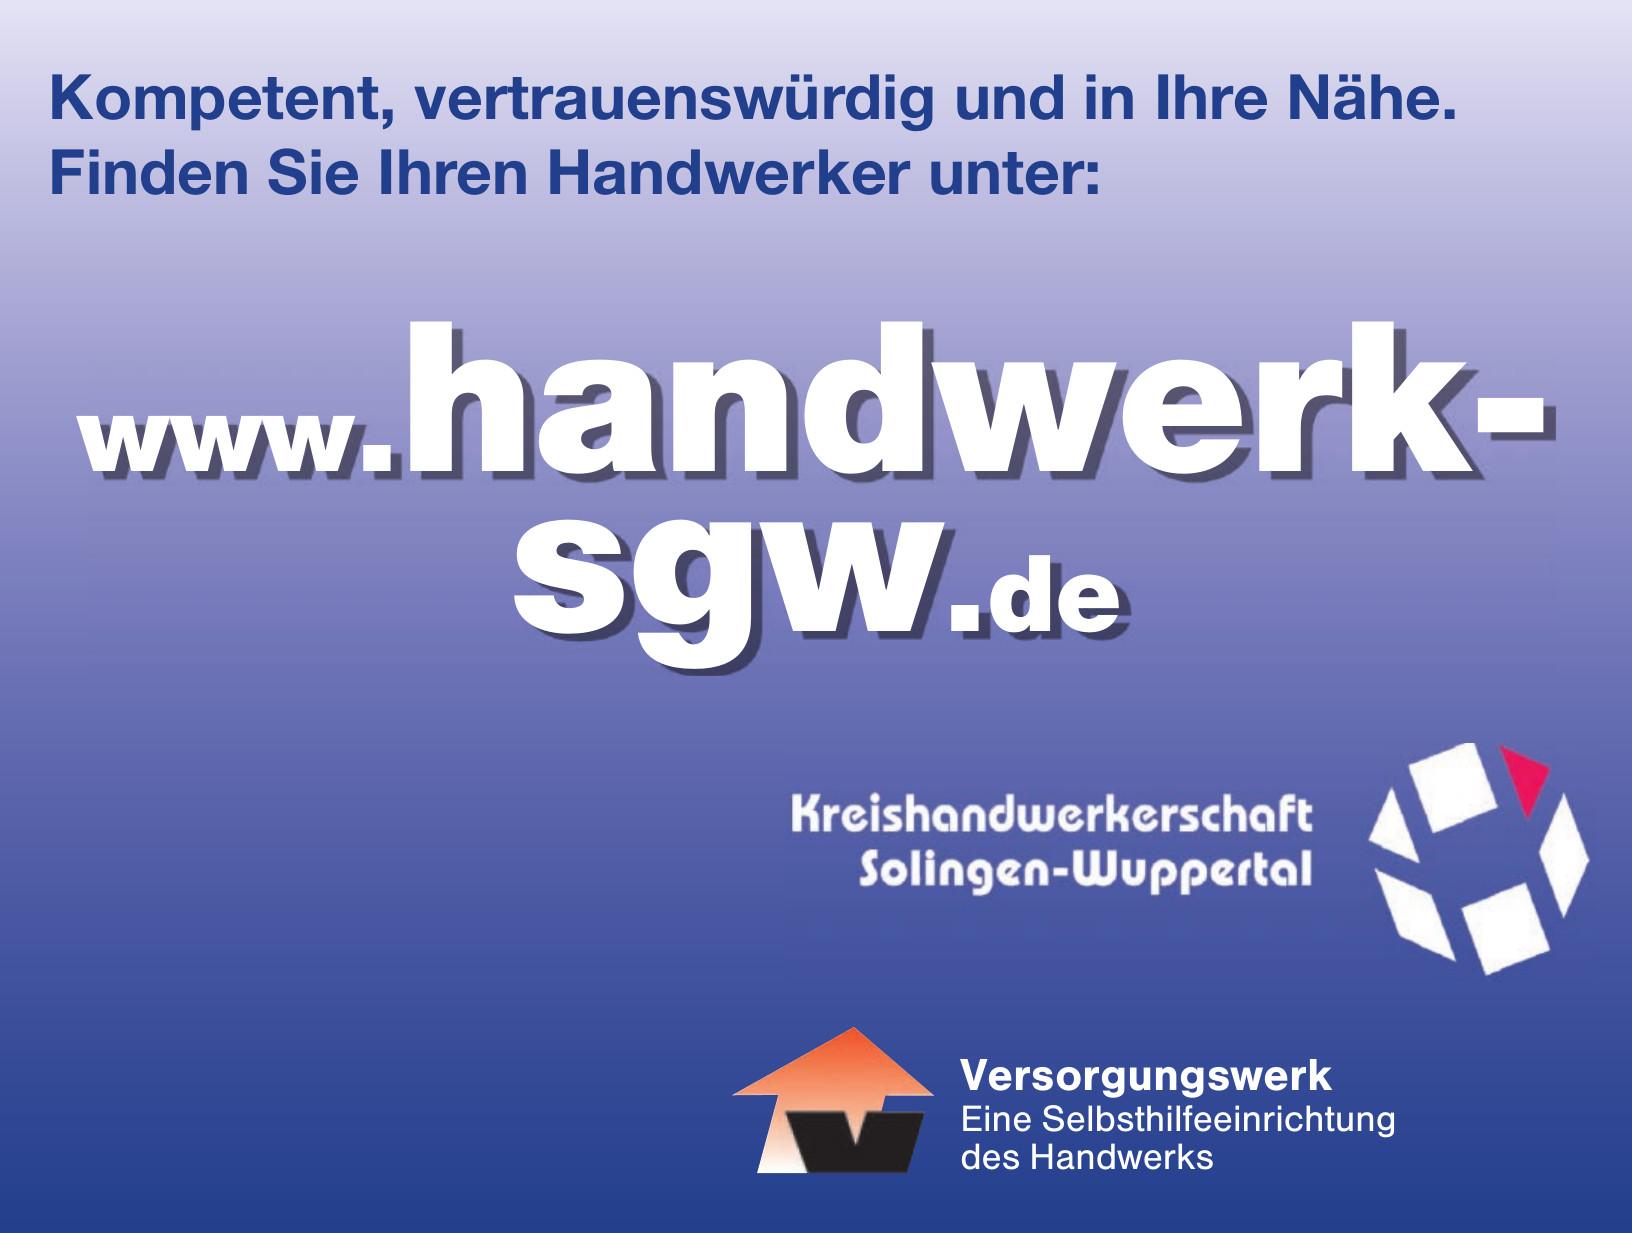 Kreishandwerkschaft Salingen-Wuppertal